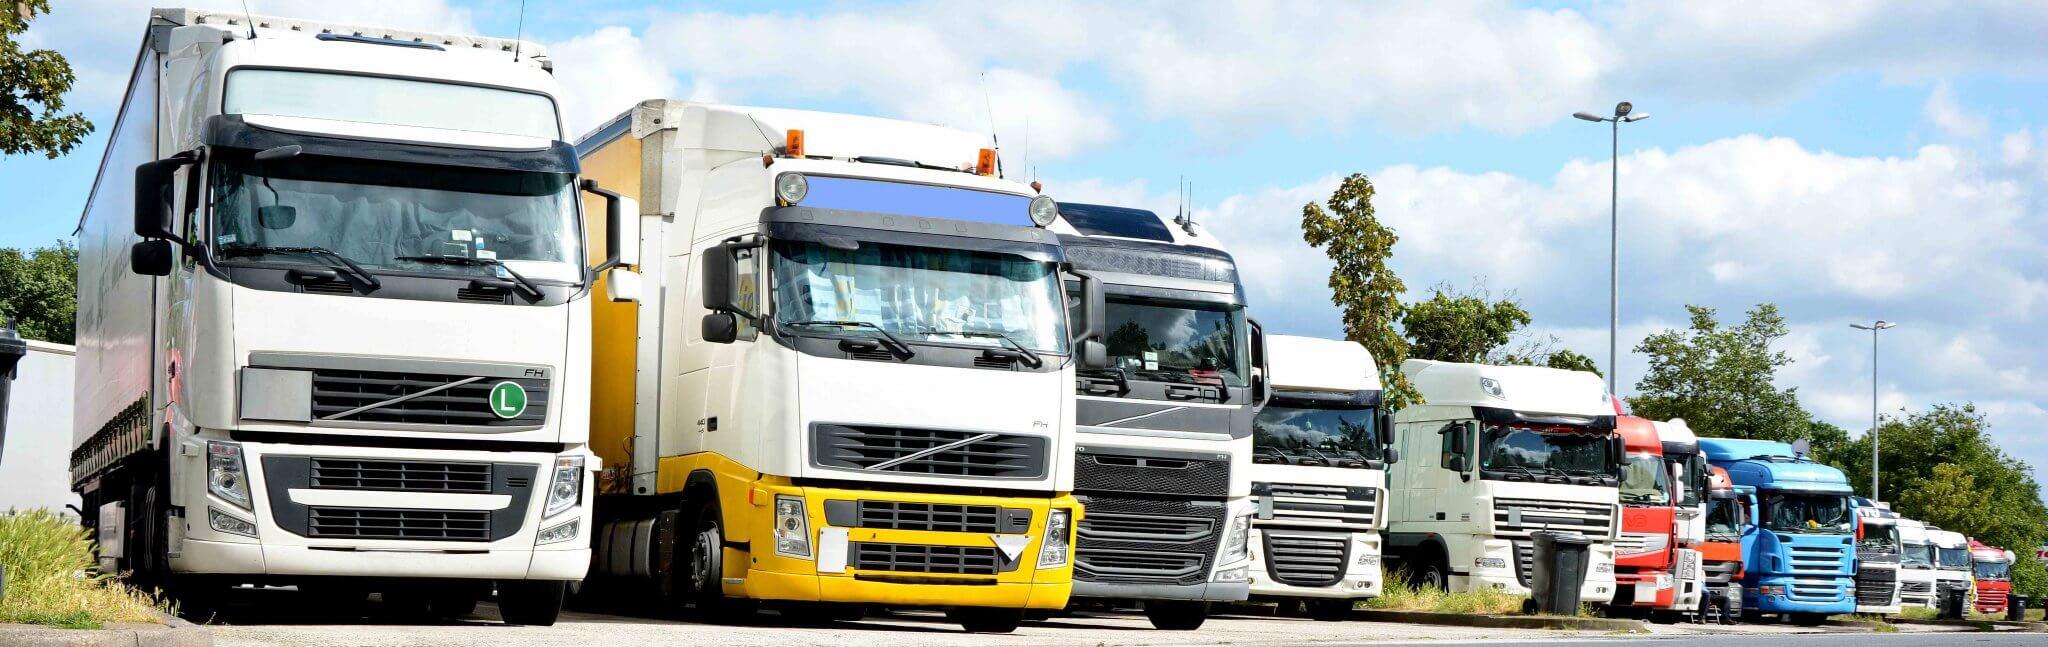 Kampf den Planenschlitzern – so wehren sich Logistiker gegen Frachtdiebstahl